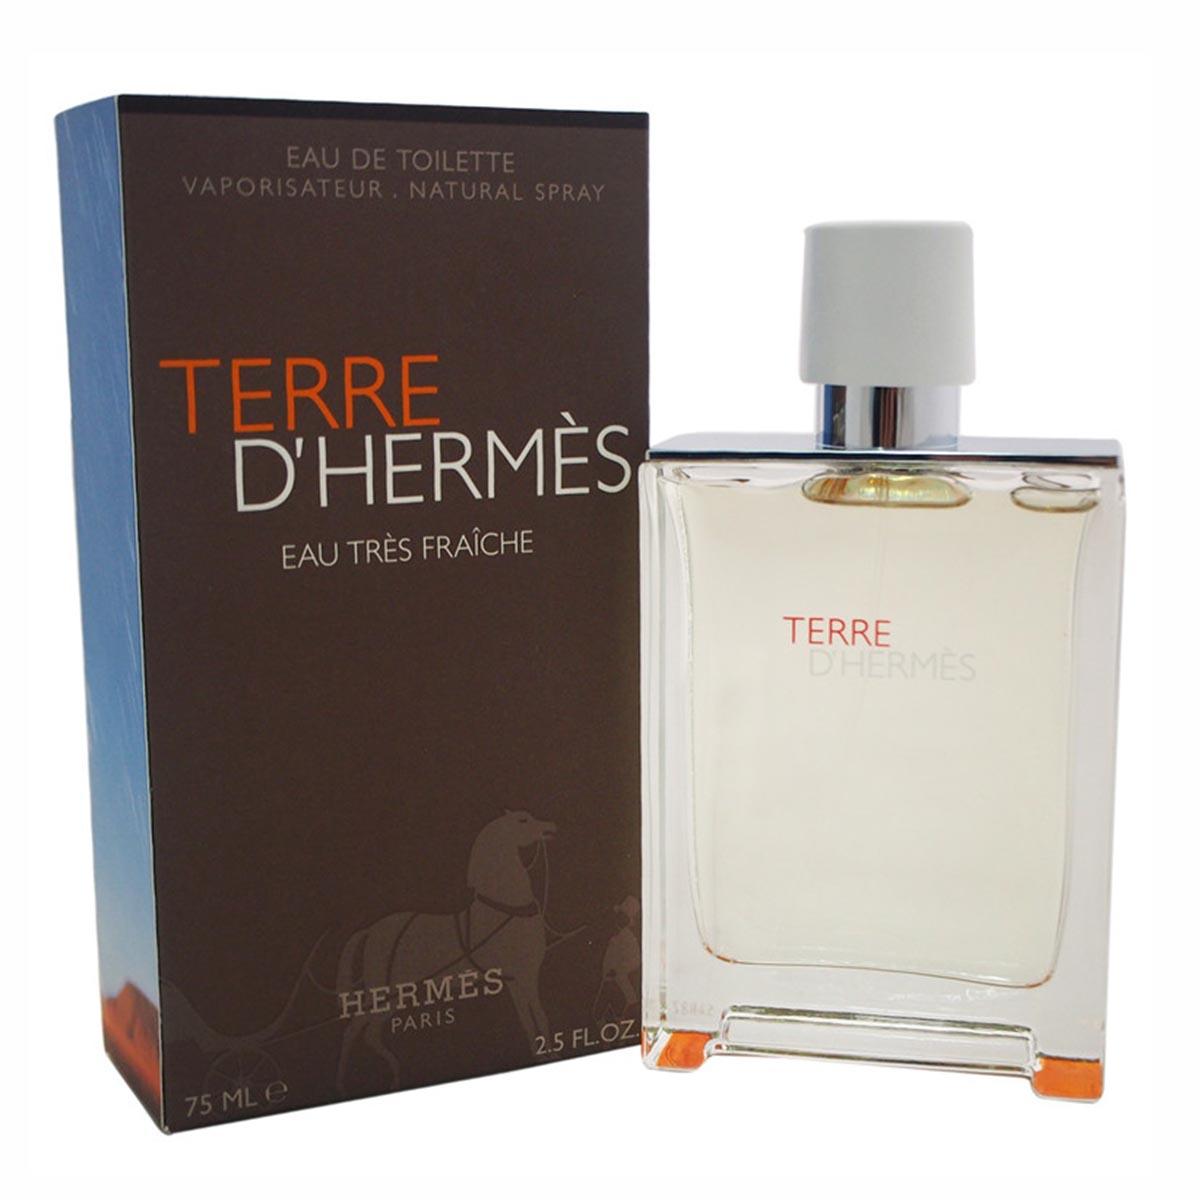 Hermes terre d hermes eau tres fraiche eau de toilette 75ml vaporizador